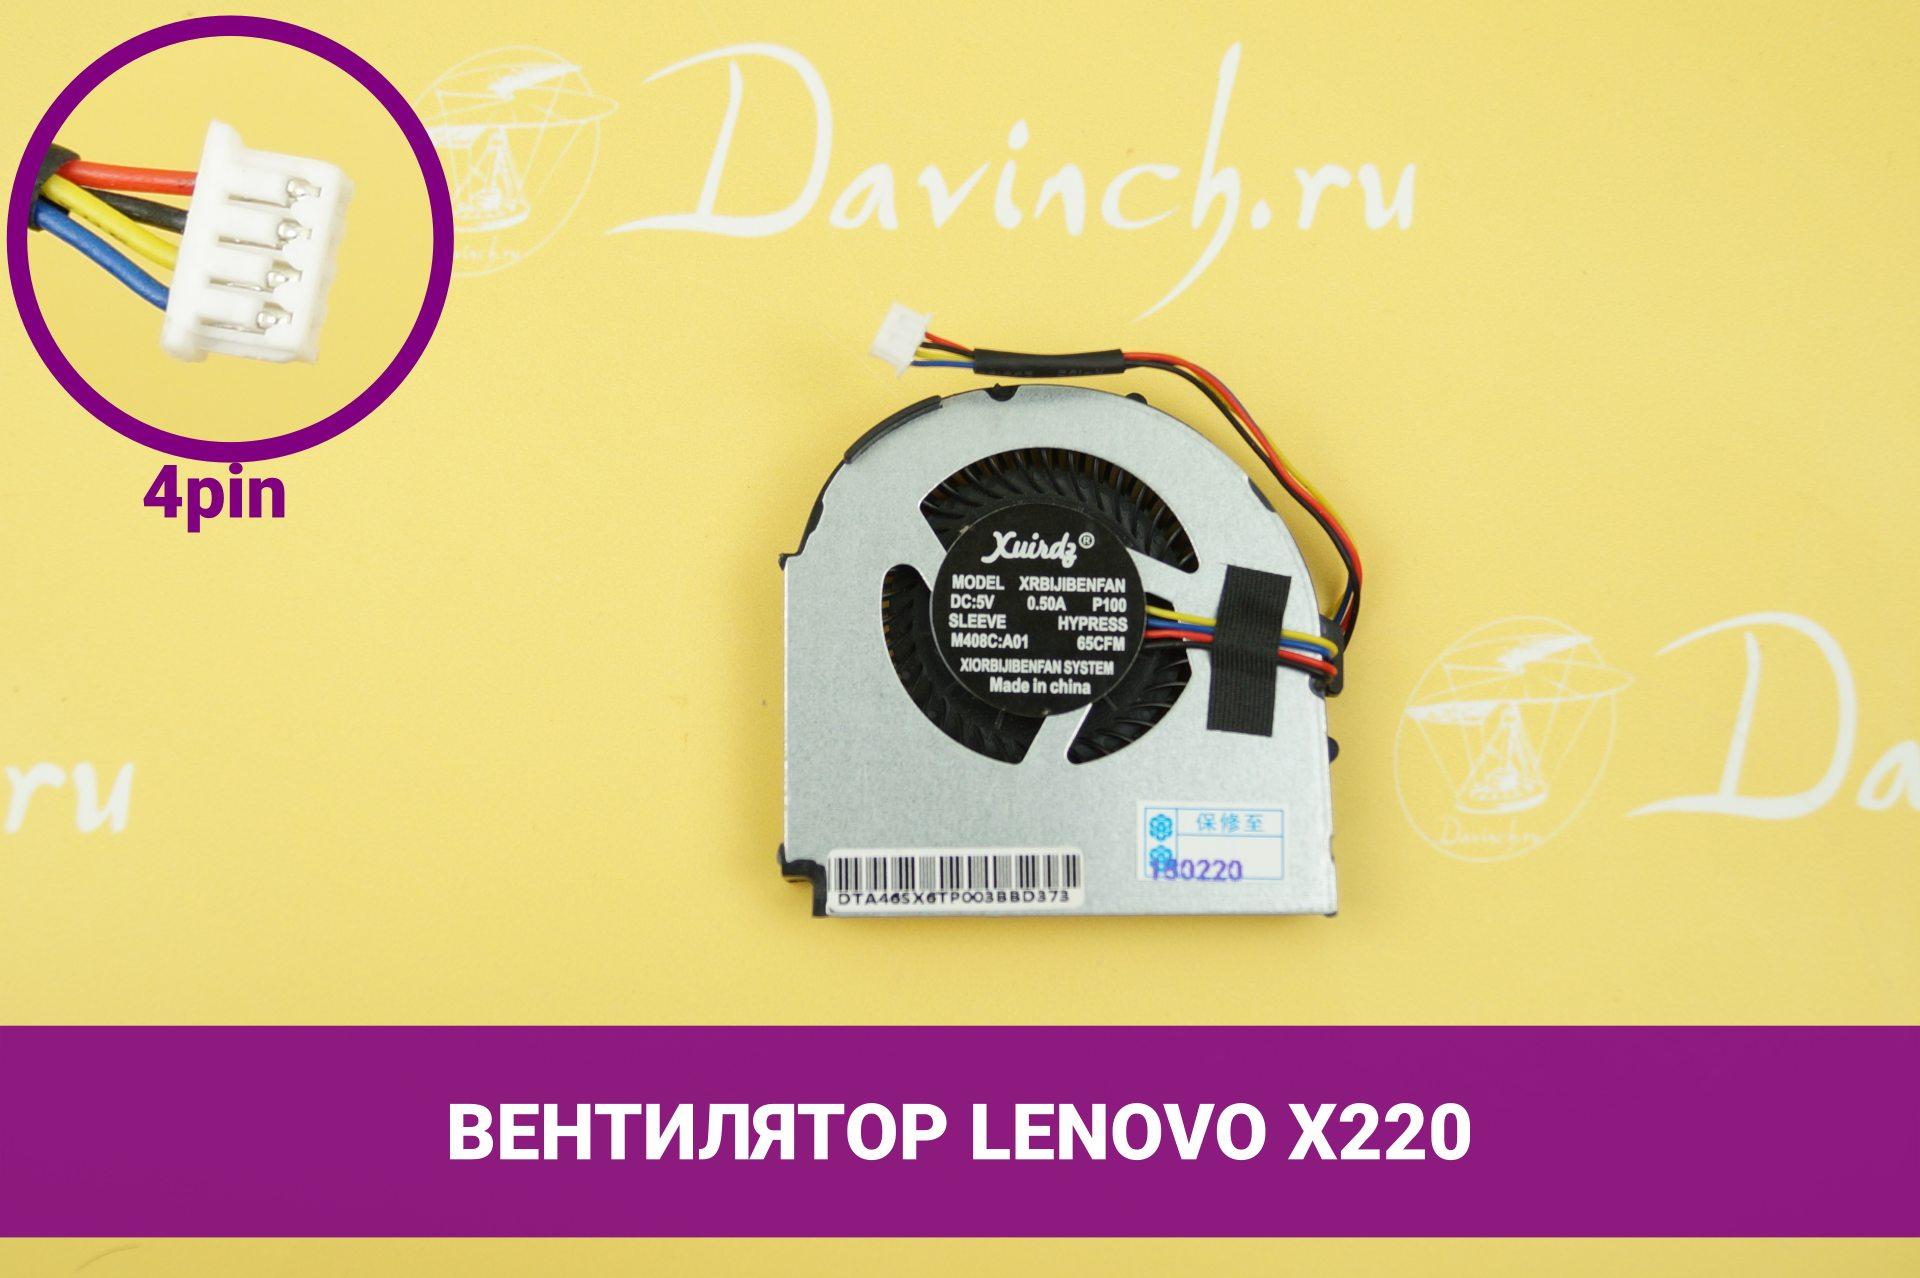 Вентилятор для ноутбука Lenovo X220